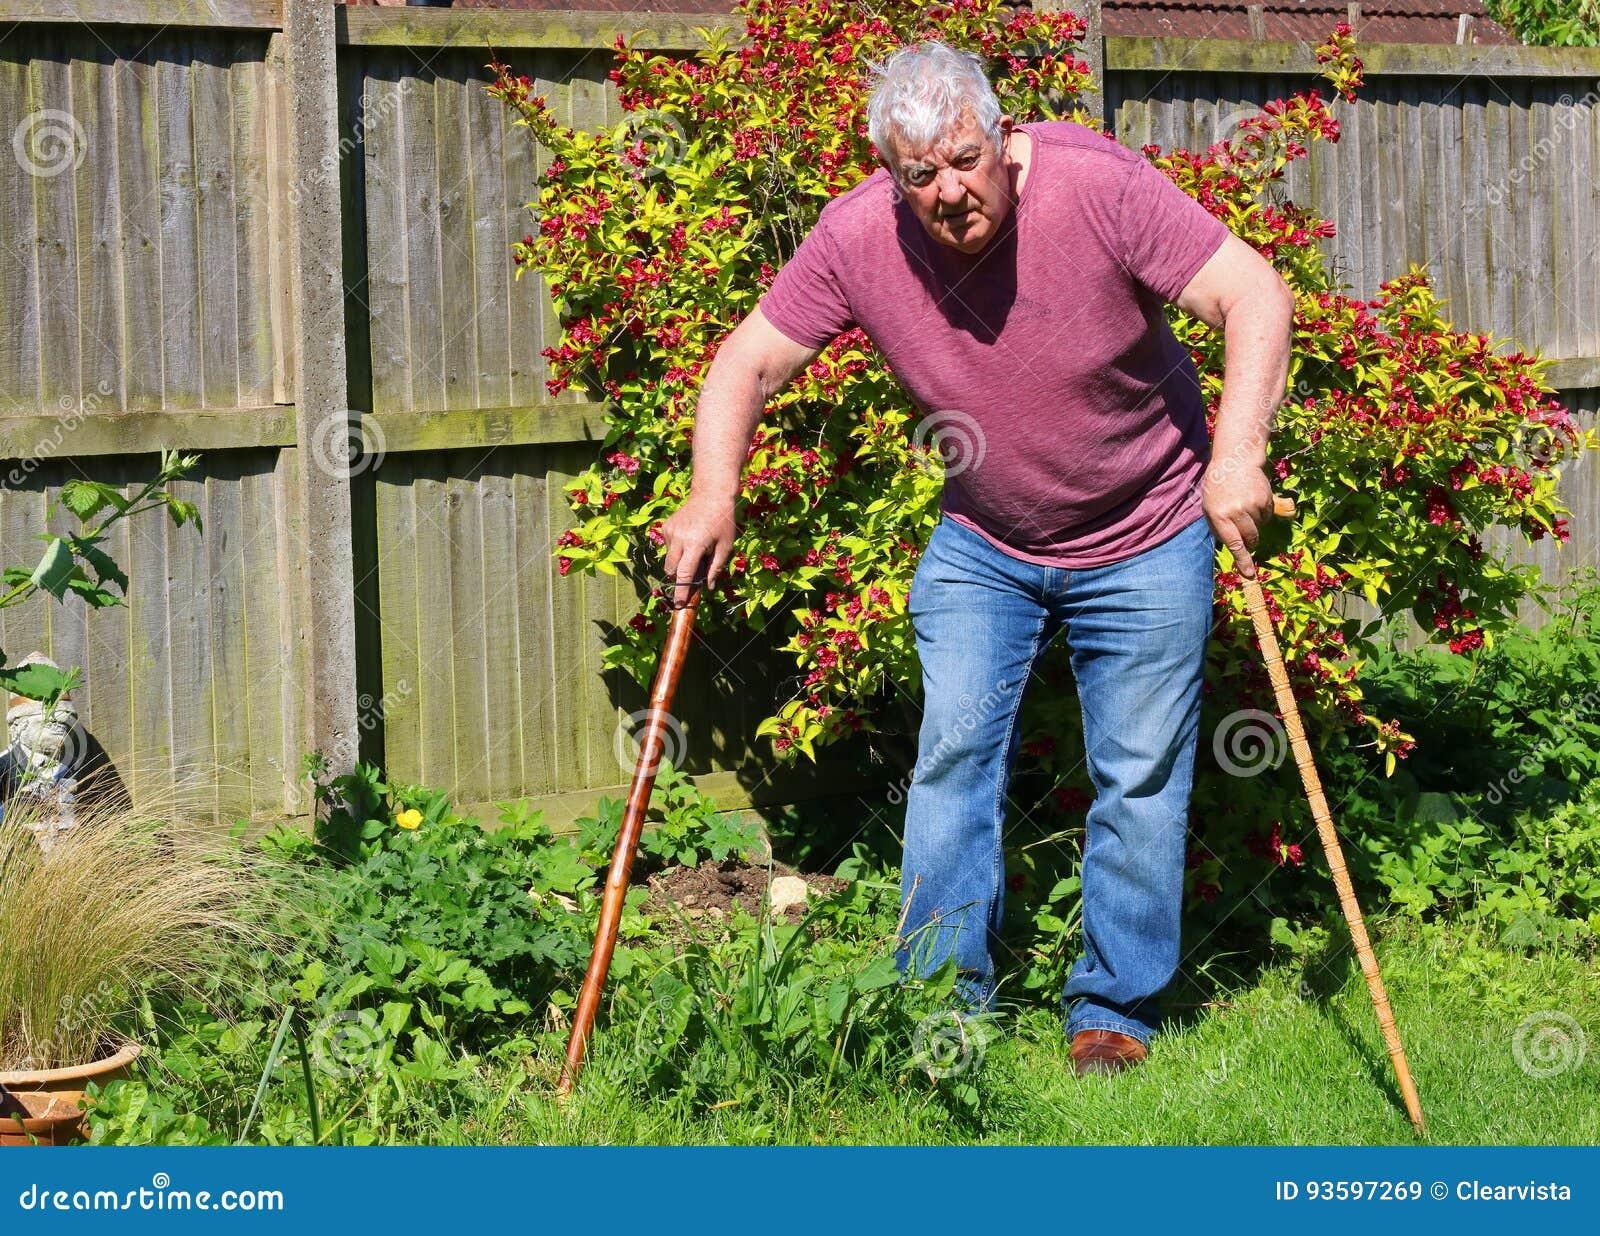 老人拐杖或藤茎 关节x线照片